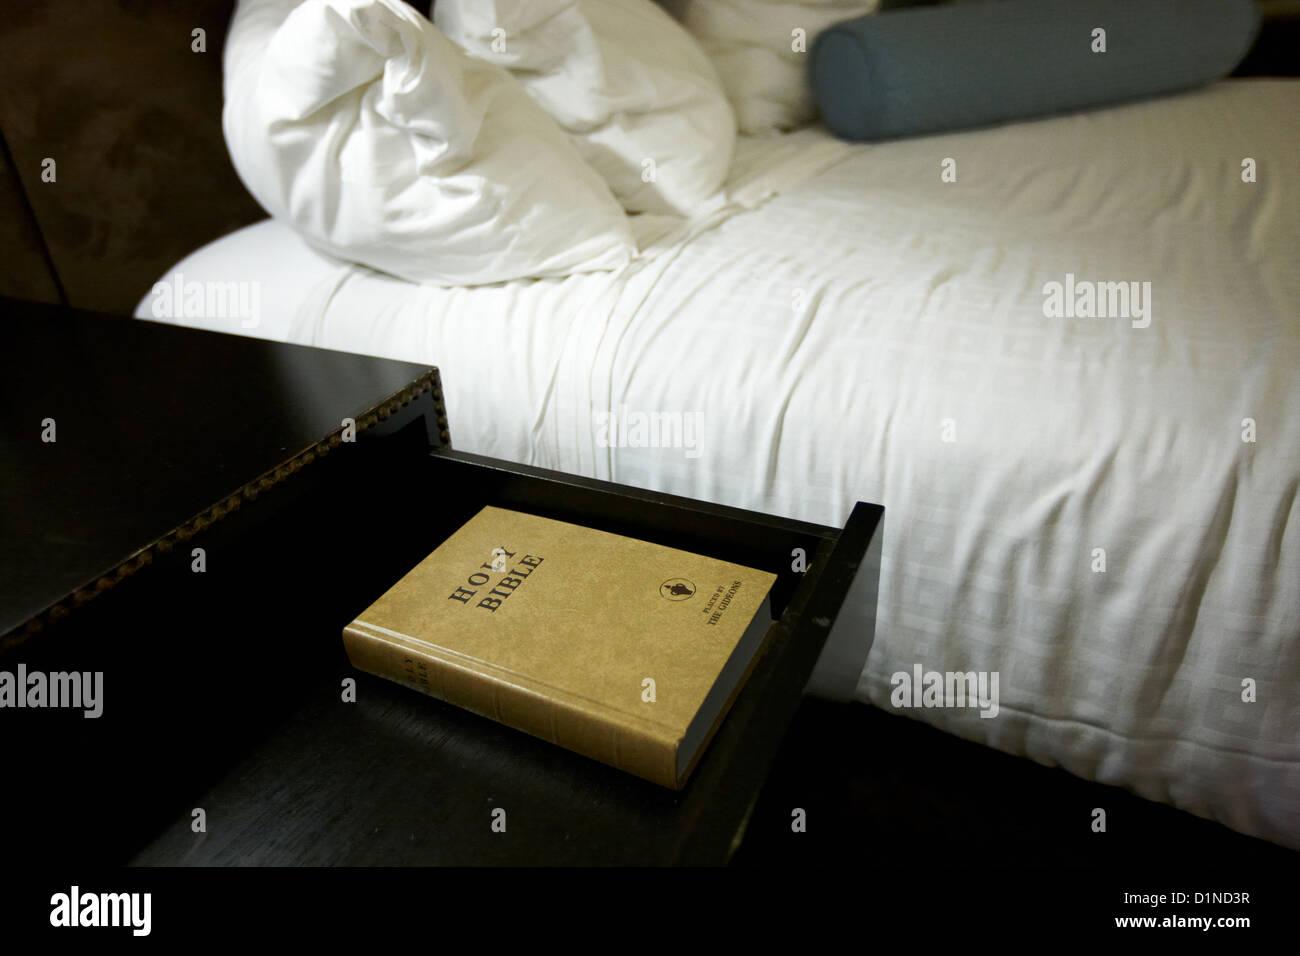 Sainte bible laissés par les gideons dans un tiroir à côté du lit dans une chambre d'hôtel Photo Stock